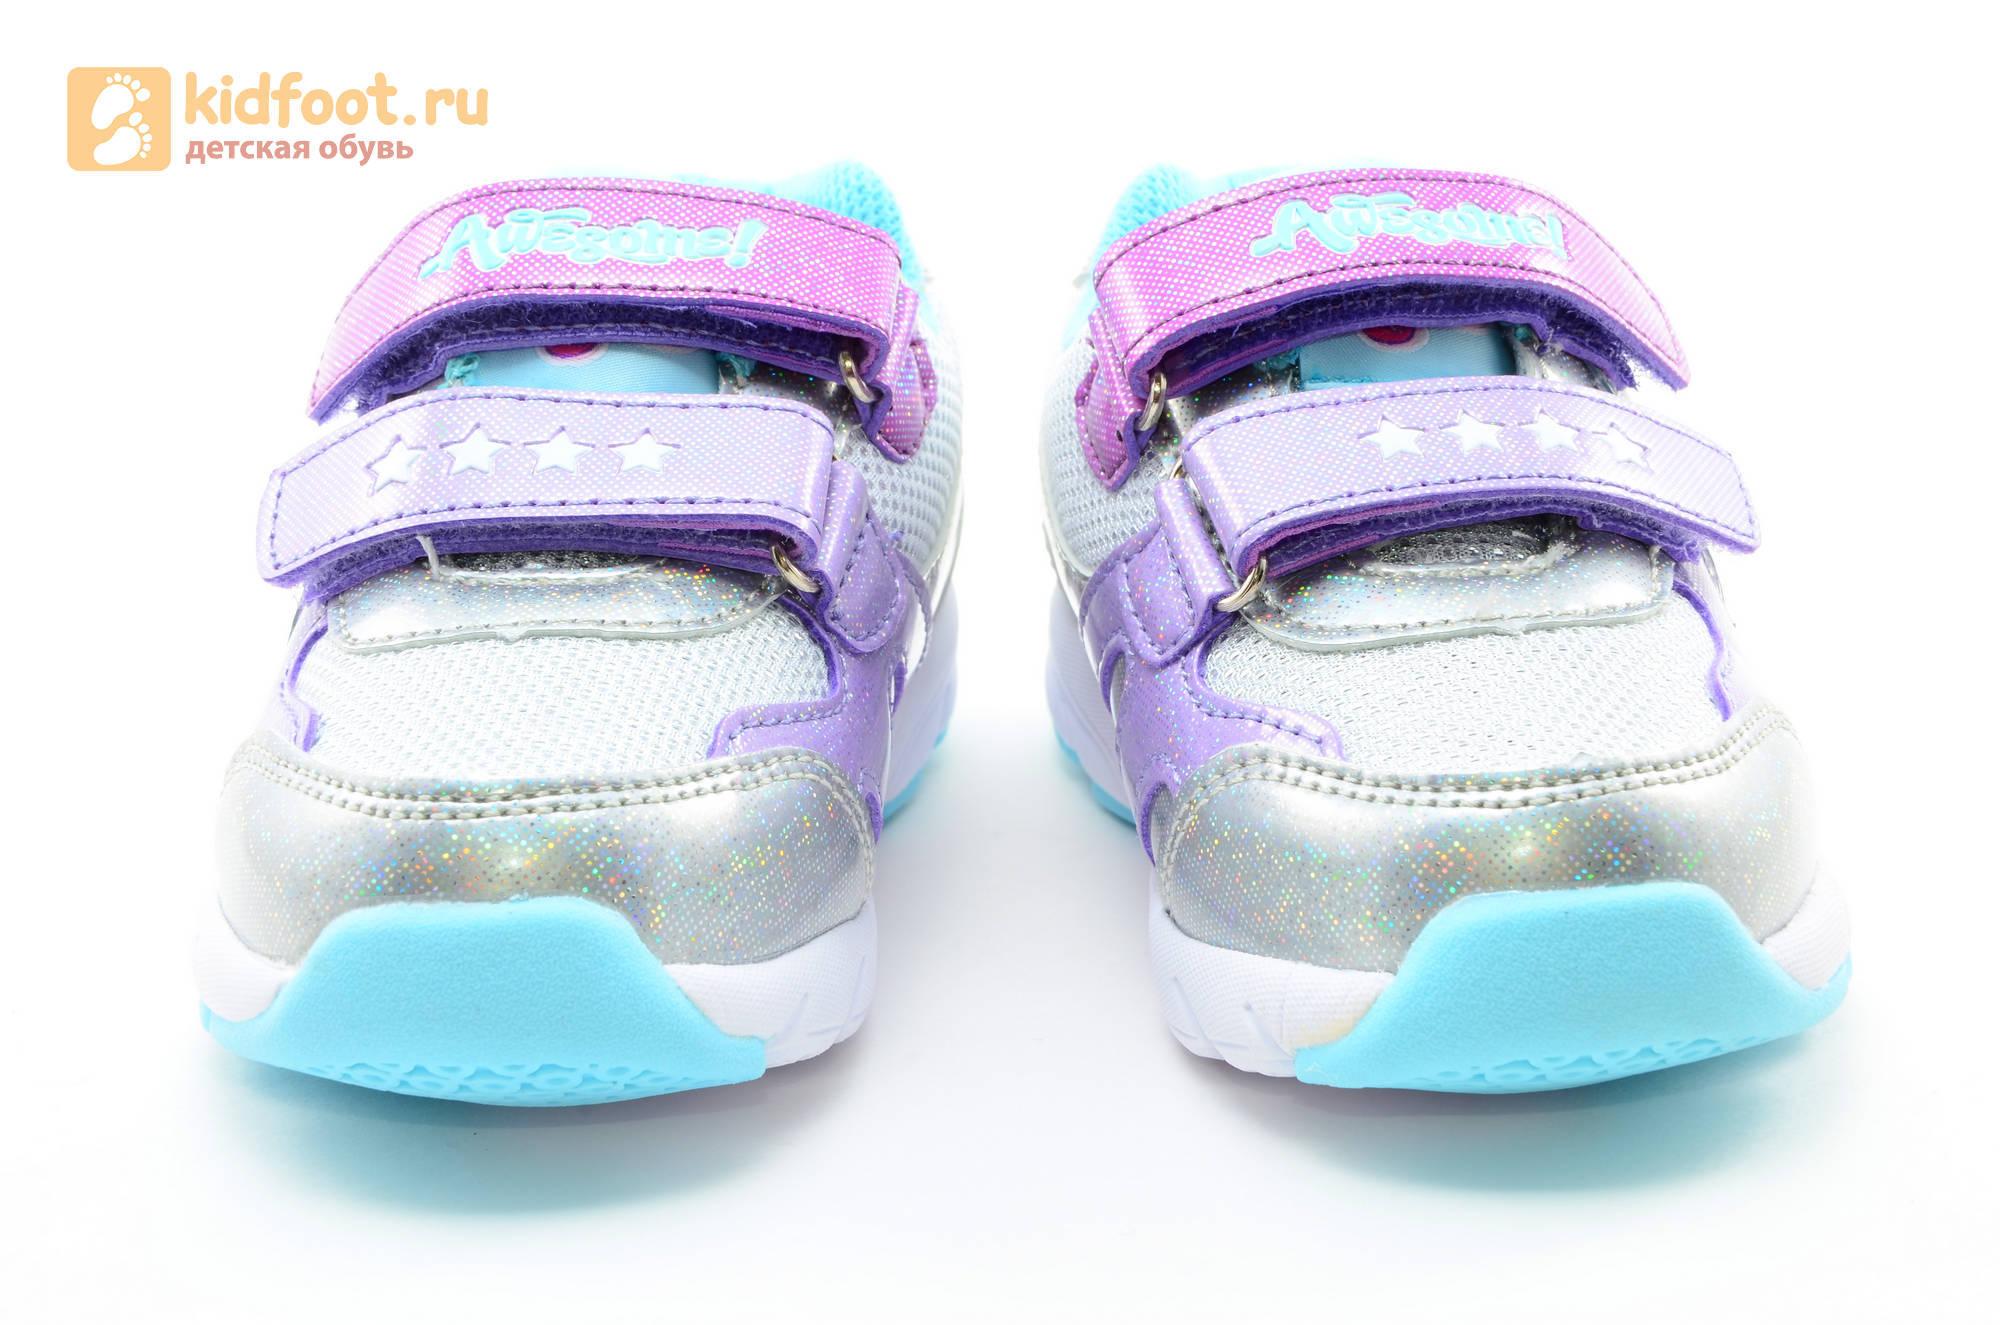 Светящиеся кроссовки для девочек Пони (My Little Pony) на липучках, цвет серебряный, мигает картинка сбоку